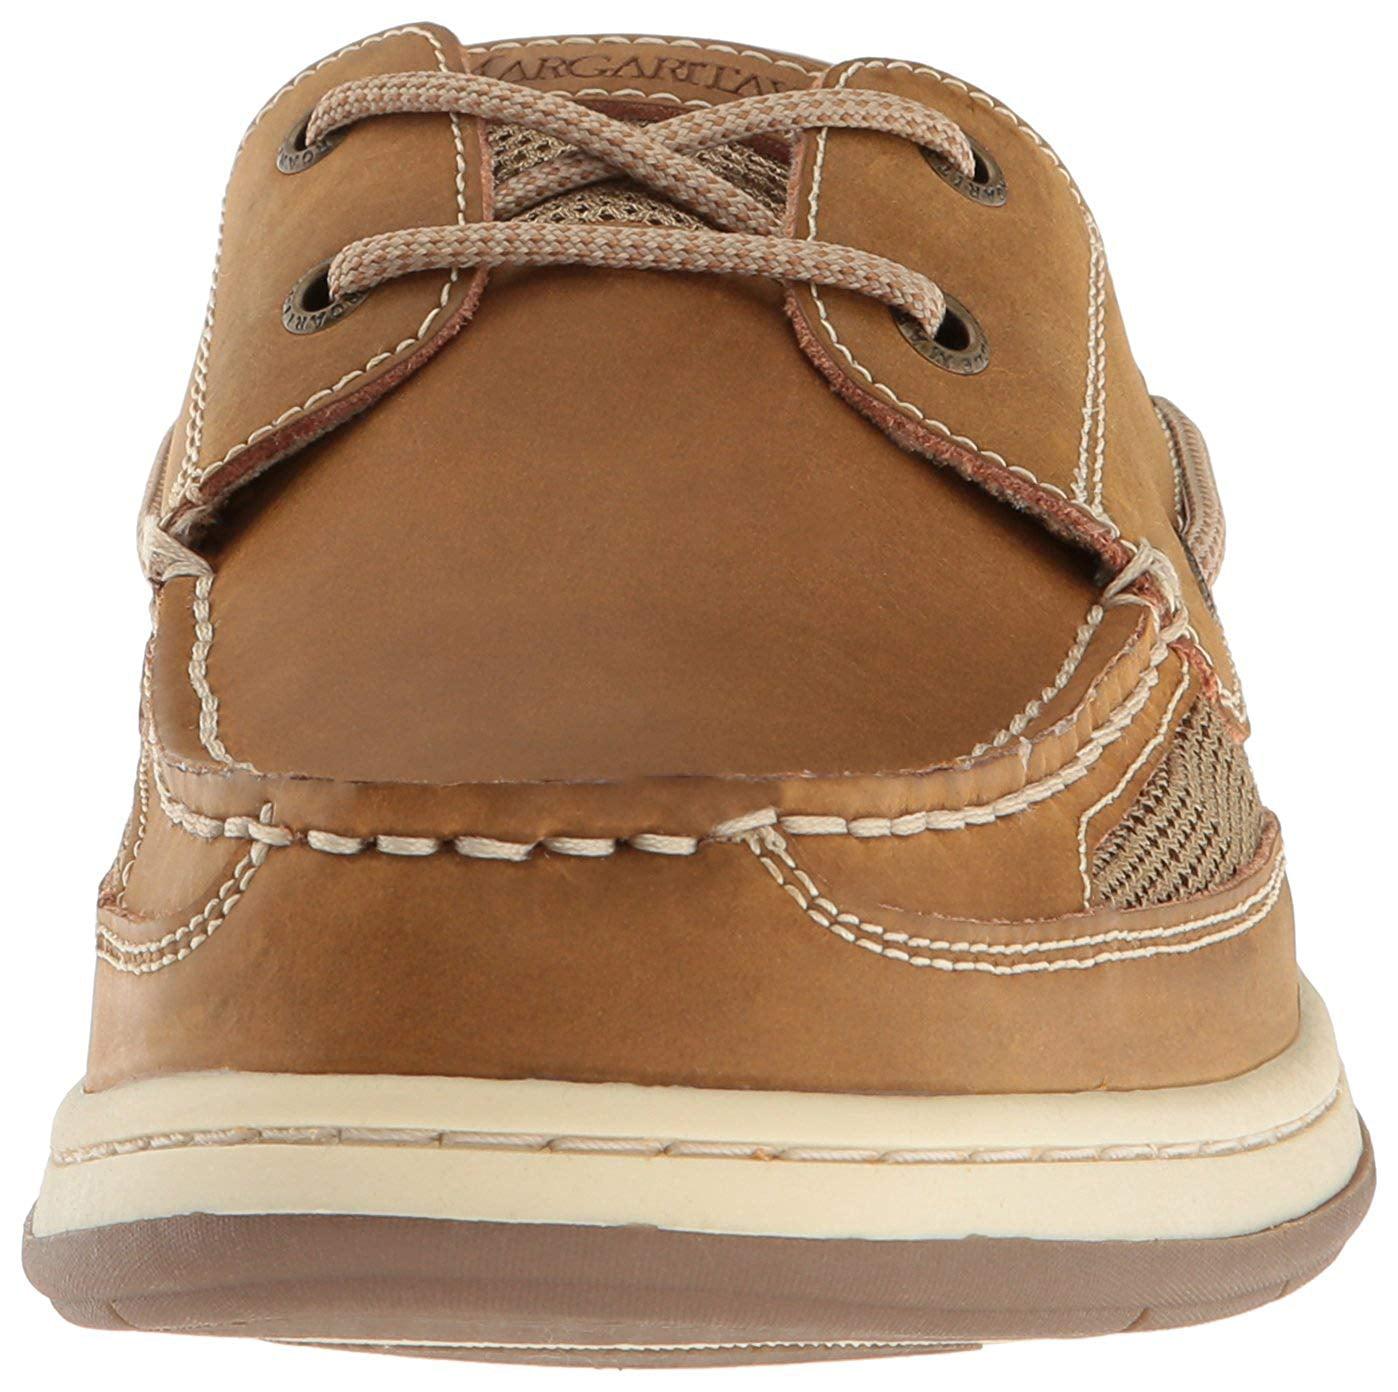 5574c59fc246 Margaritaville Men's Size 11 Anchor Lace Boat Shoe, Light Tan